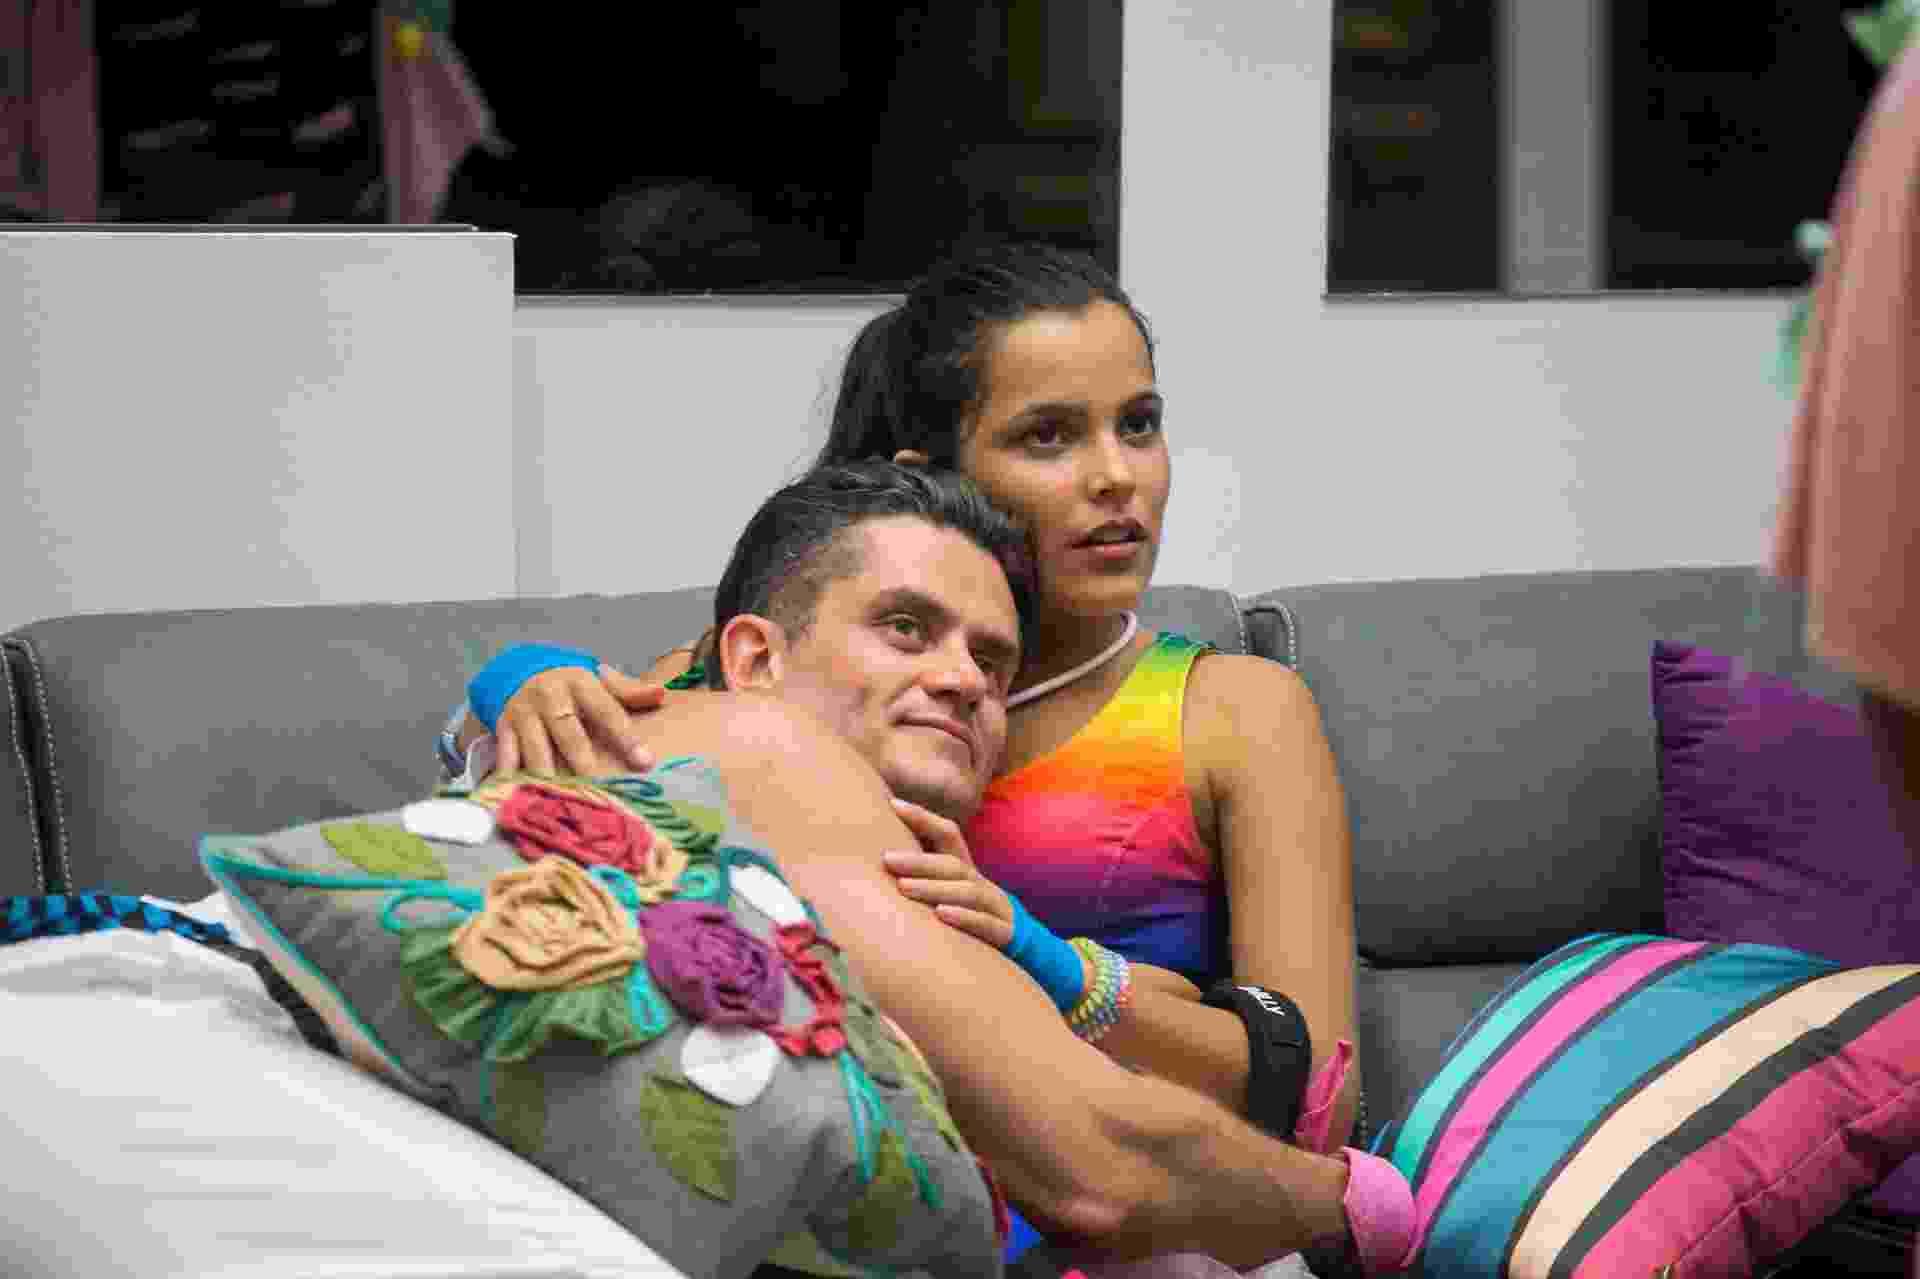 Marcos e Emilly se abraçam no sofá após formação de paredão - Paulo Belote/Globo/Divulgação